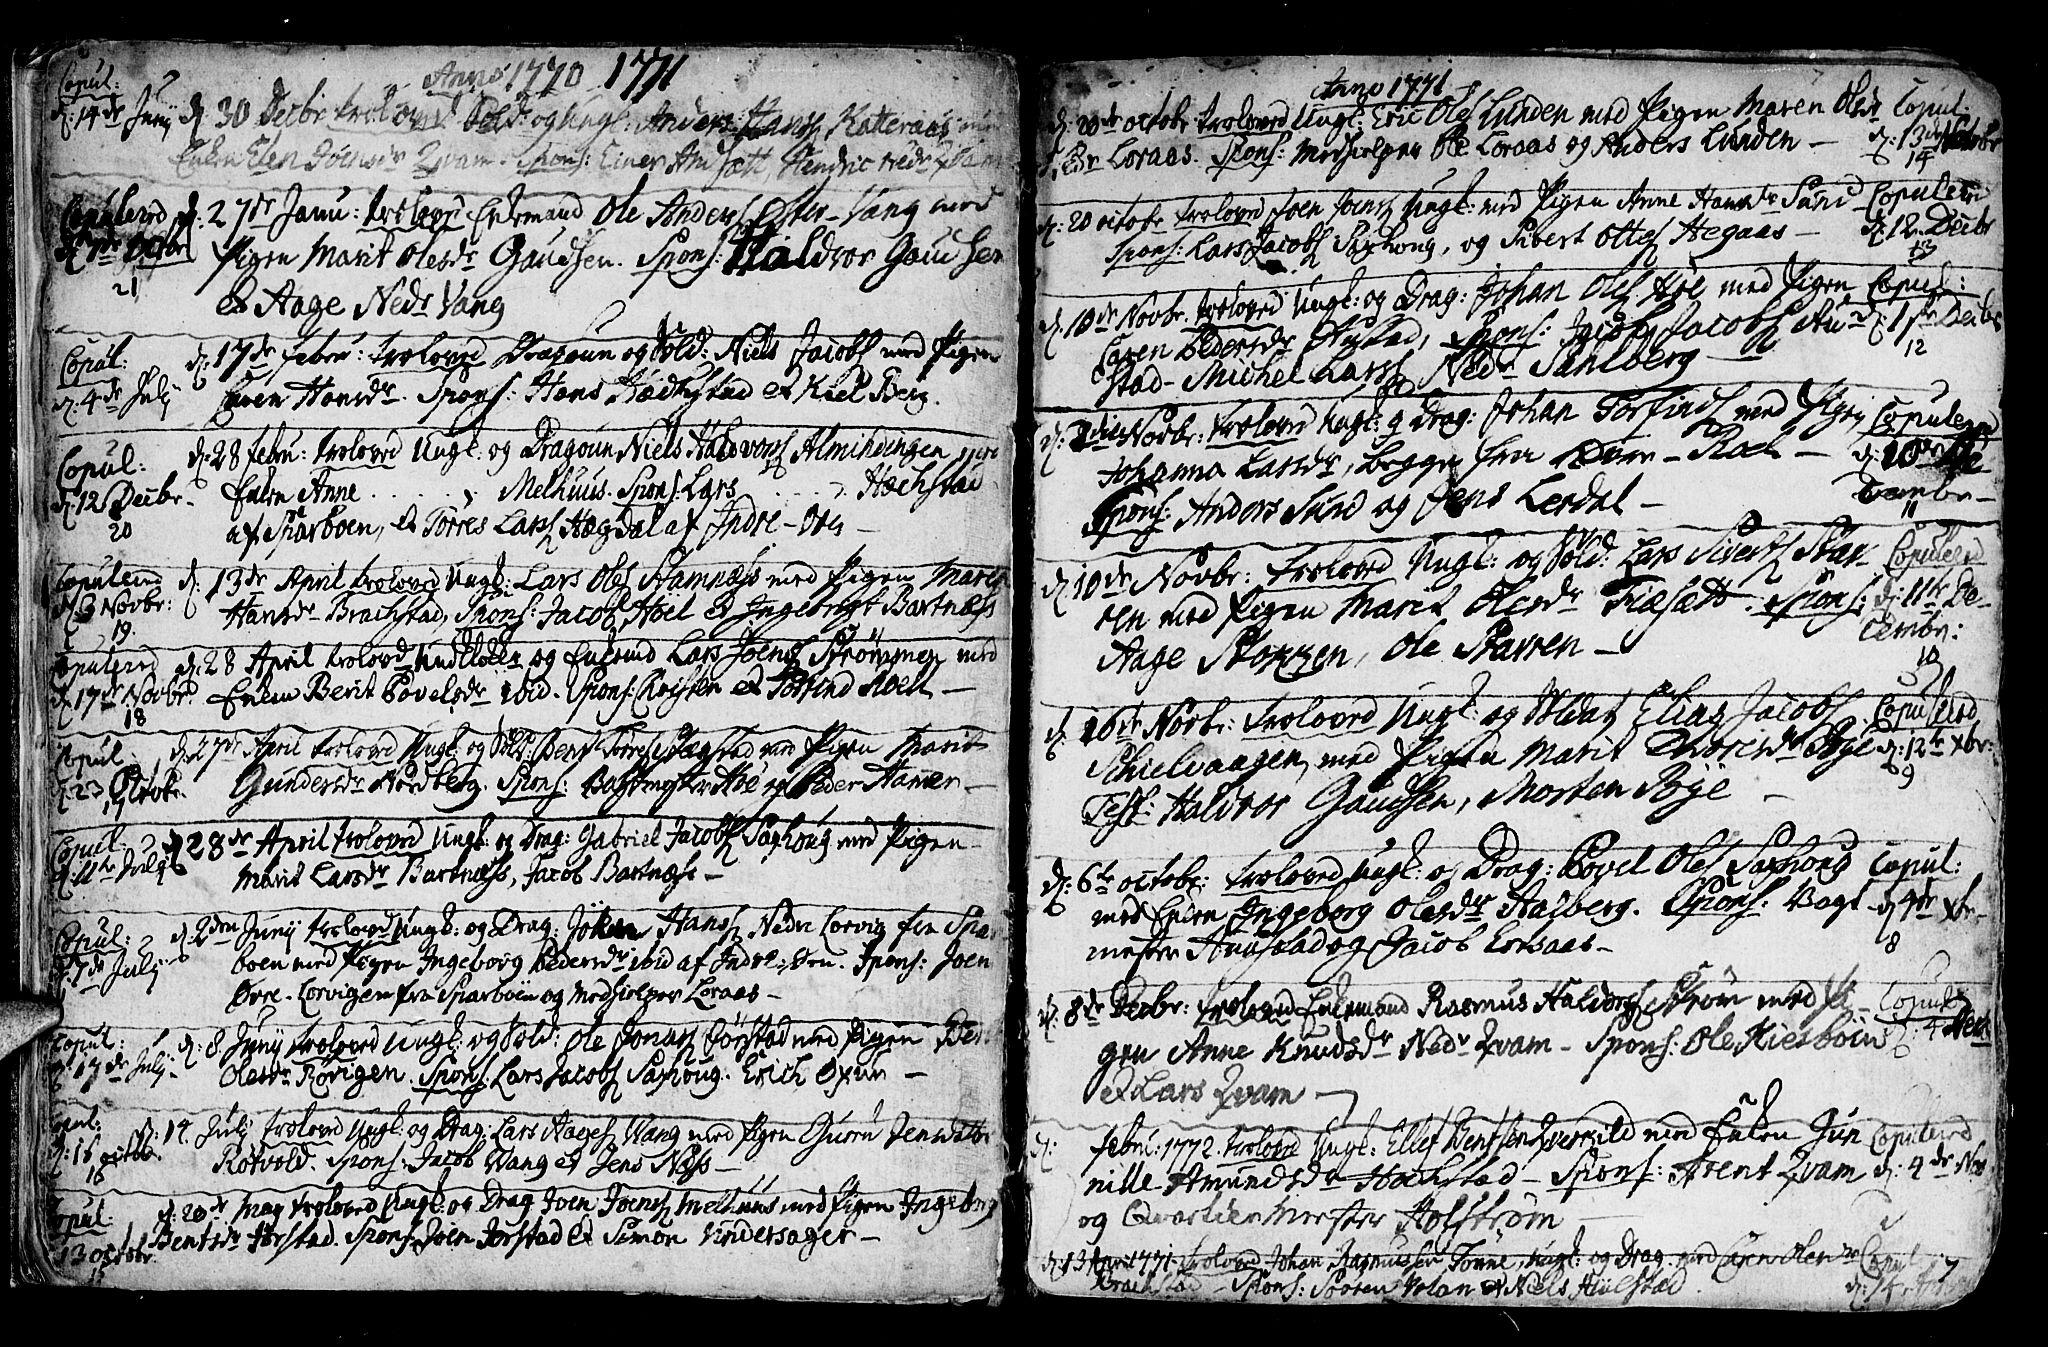 SAT, Ministerialprotokoller, klokkerbøker og fødselsregistre - Nord-Trøndelag, 730/L0273: Ministerialbok nr. 730A02, 1762-1802, s. 7